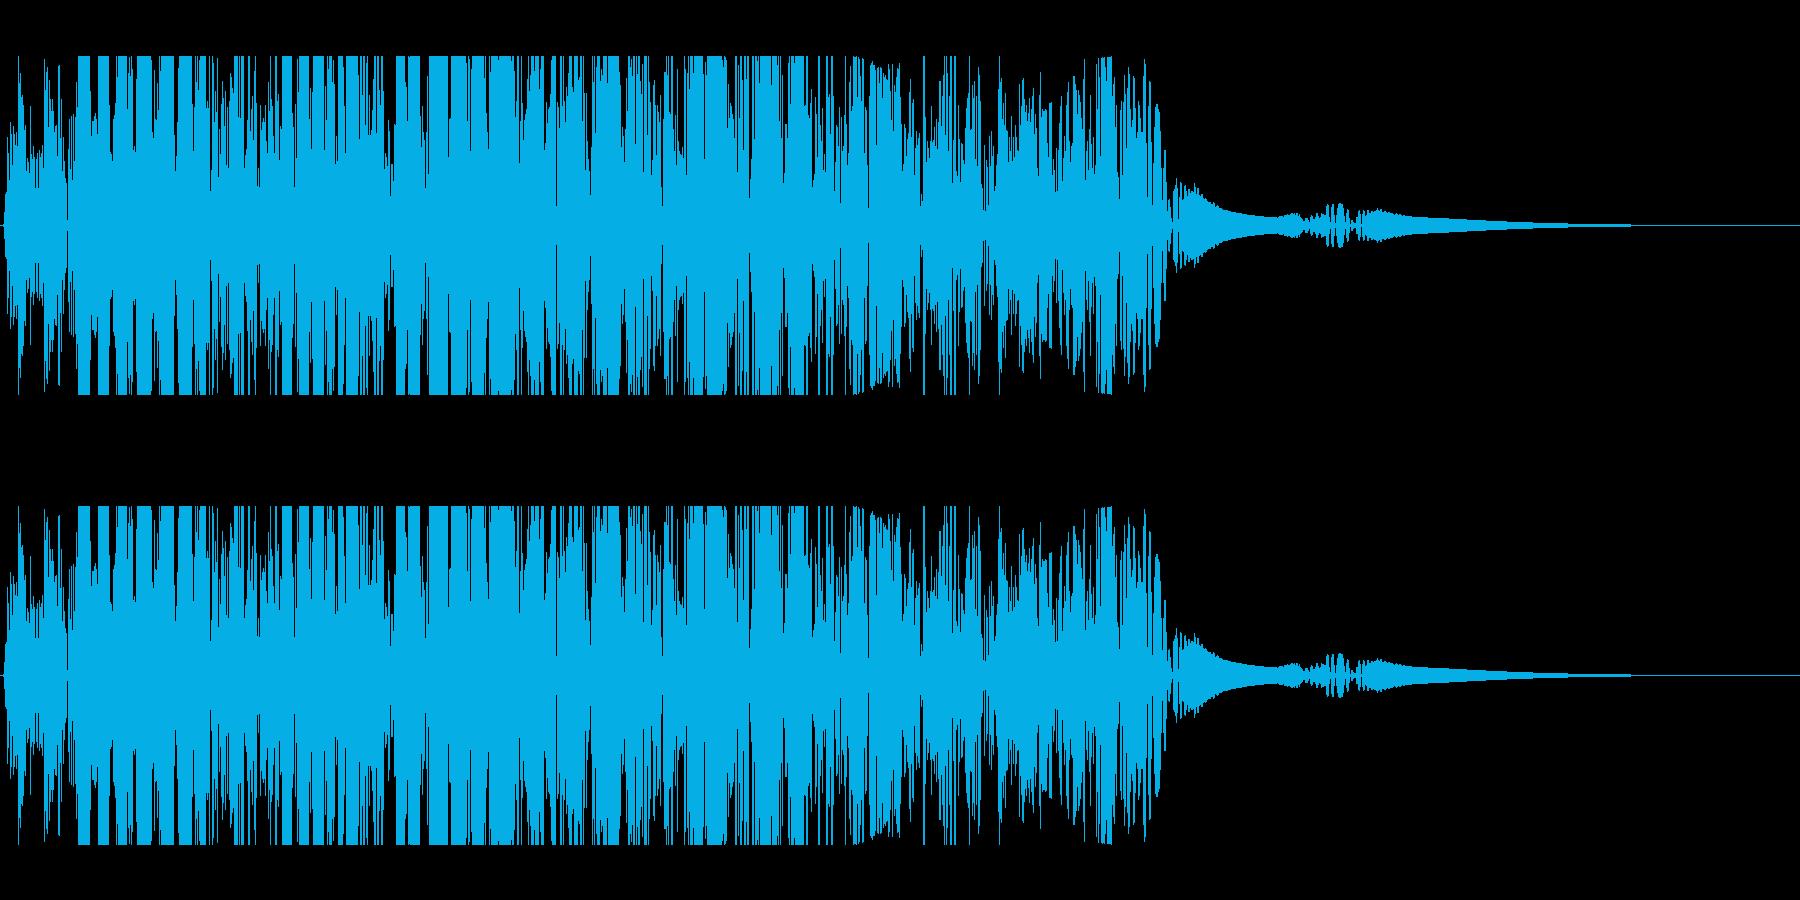 ズバッと斬る_06(刀・刺す・斬撃系)の再生済みの波形